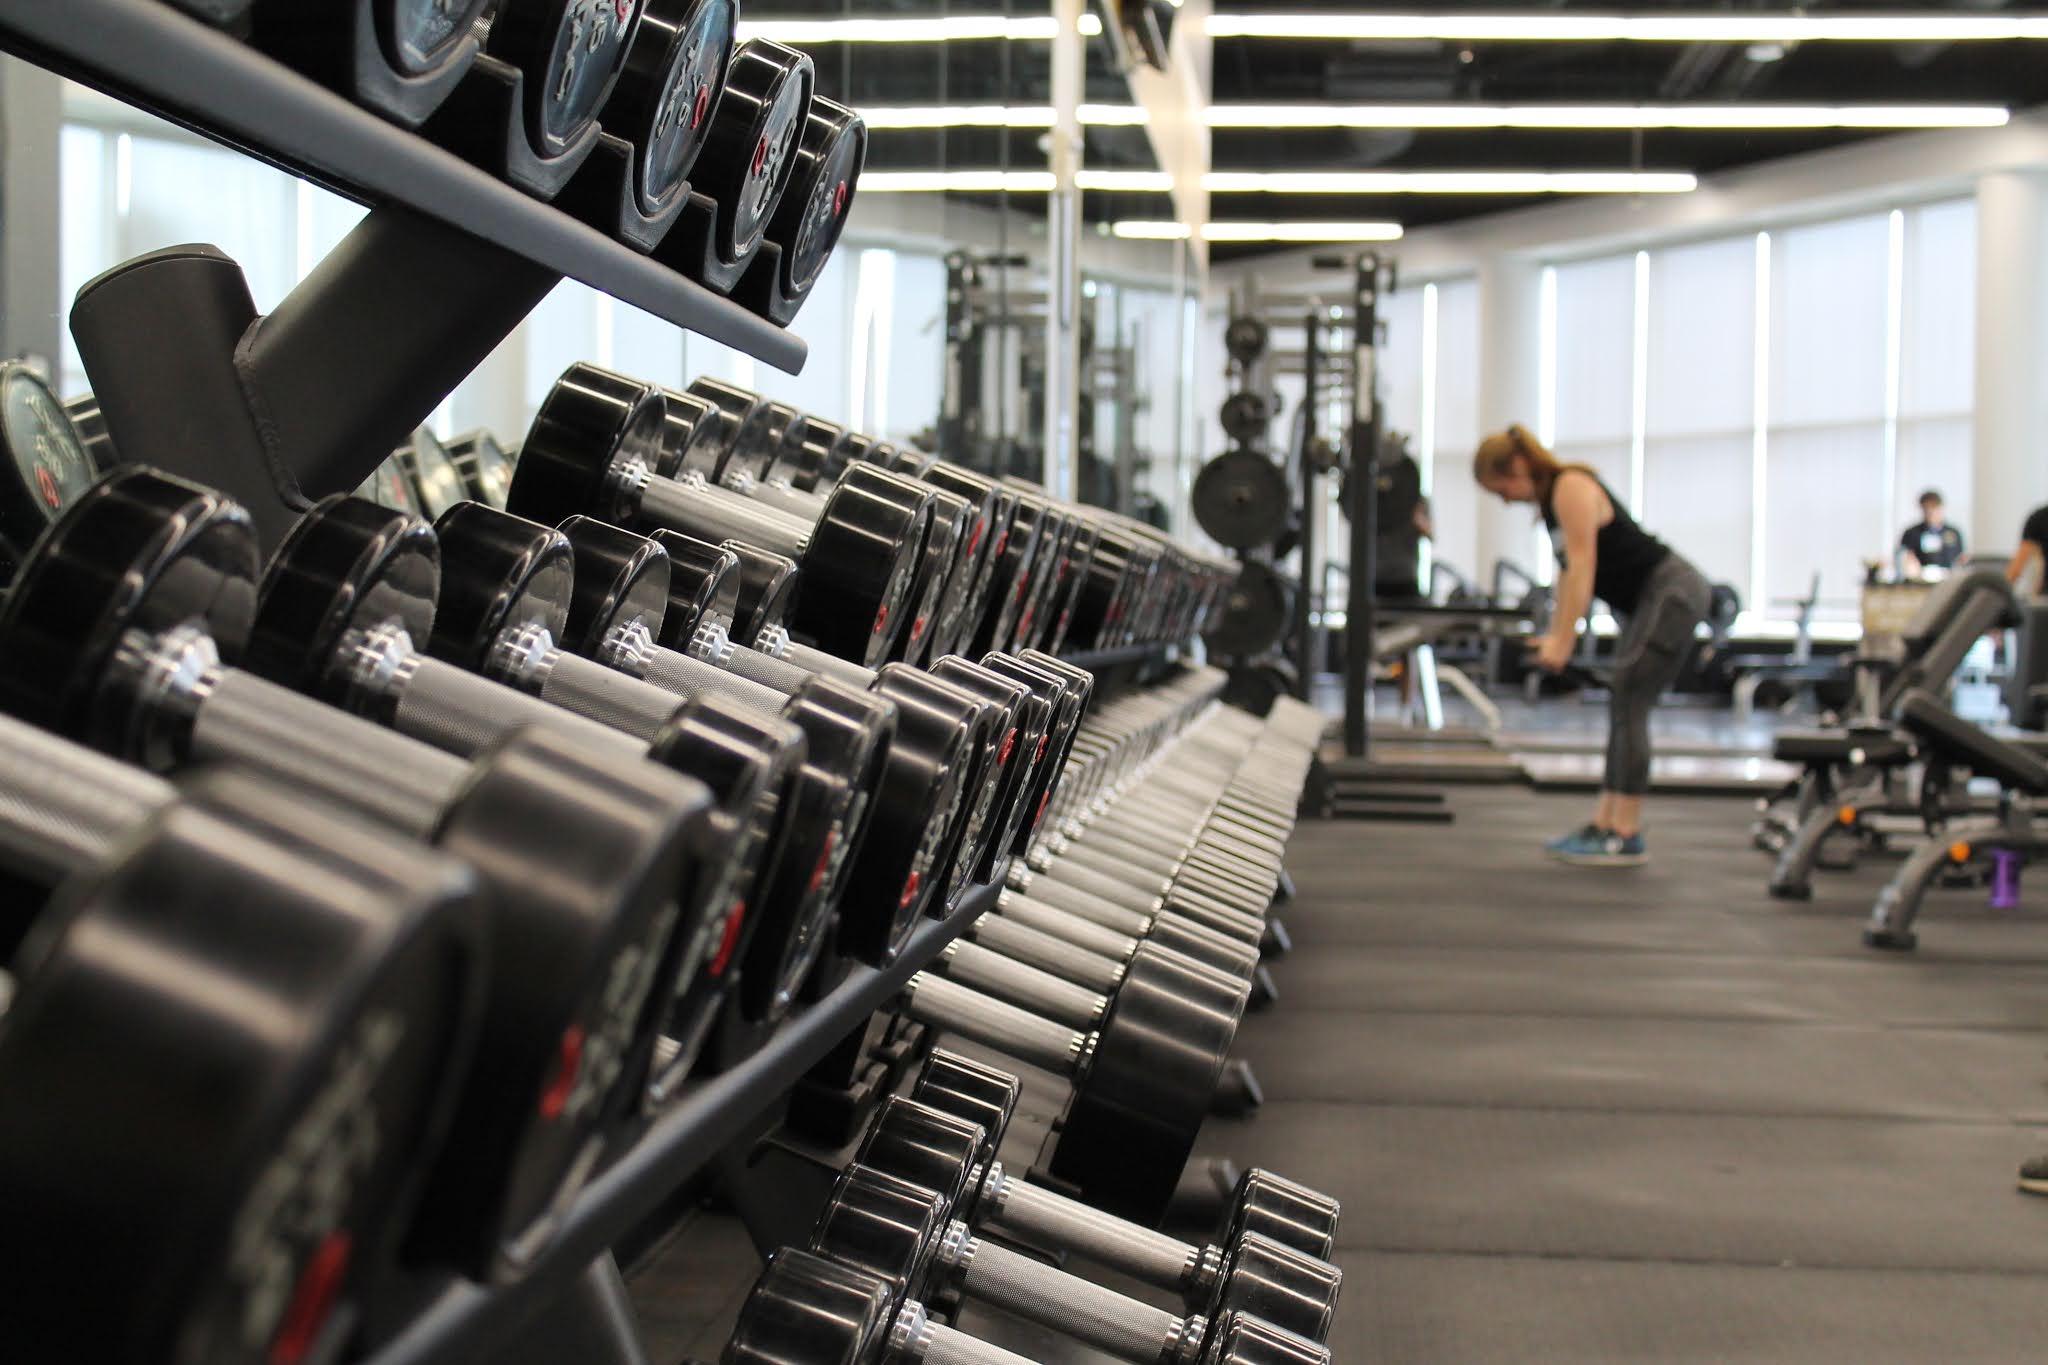 Βασικοί κανόνες συμπεριφοράς μέσα σε ένα γυμναστήριο